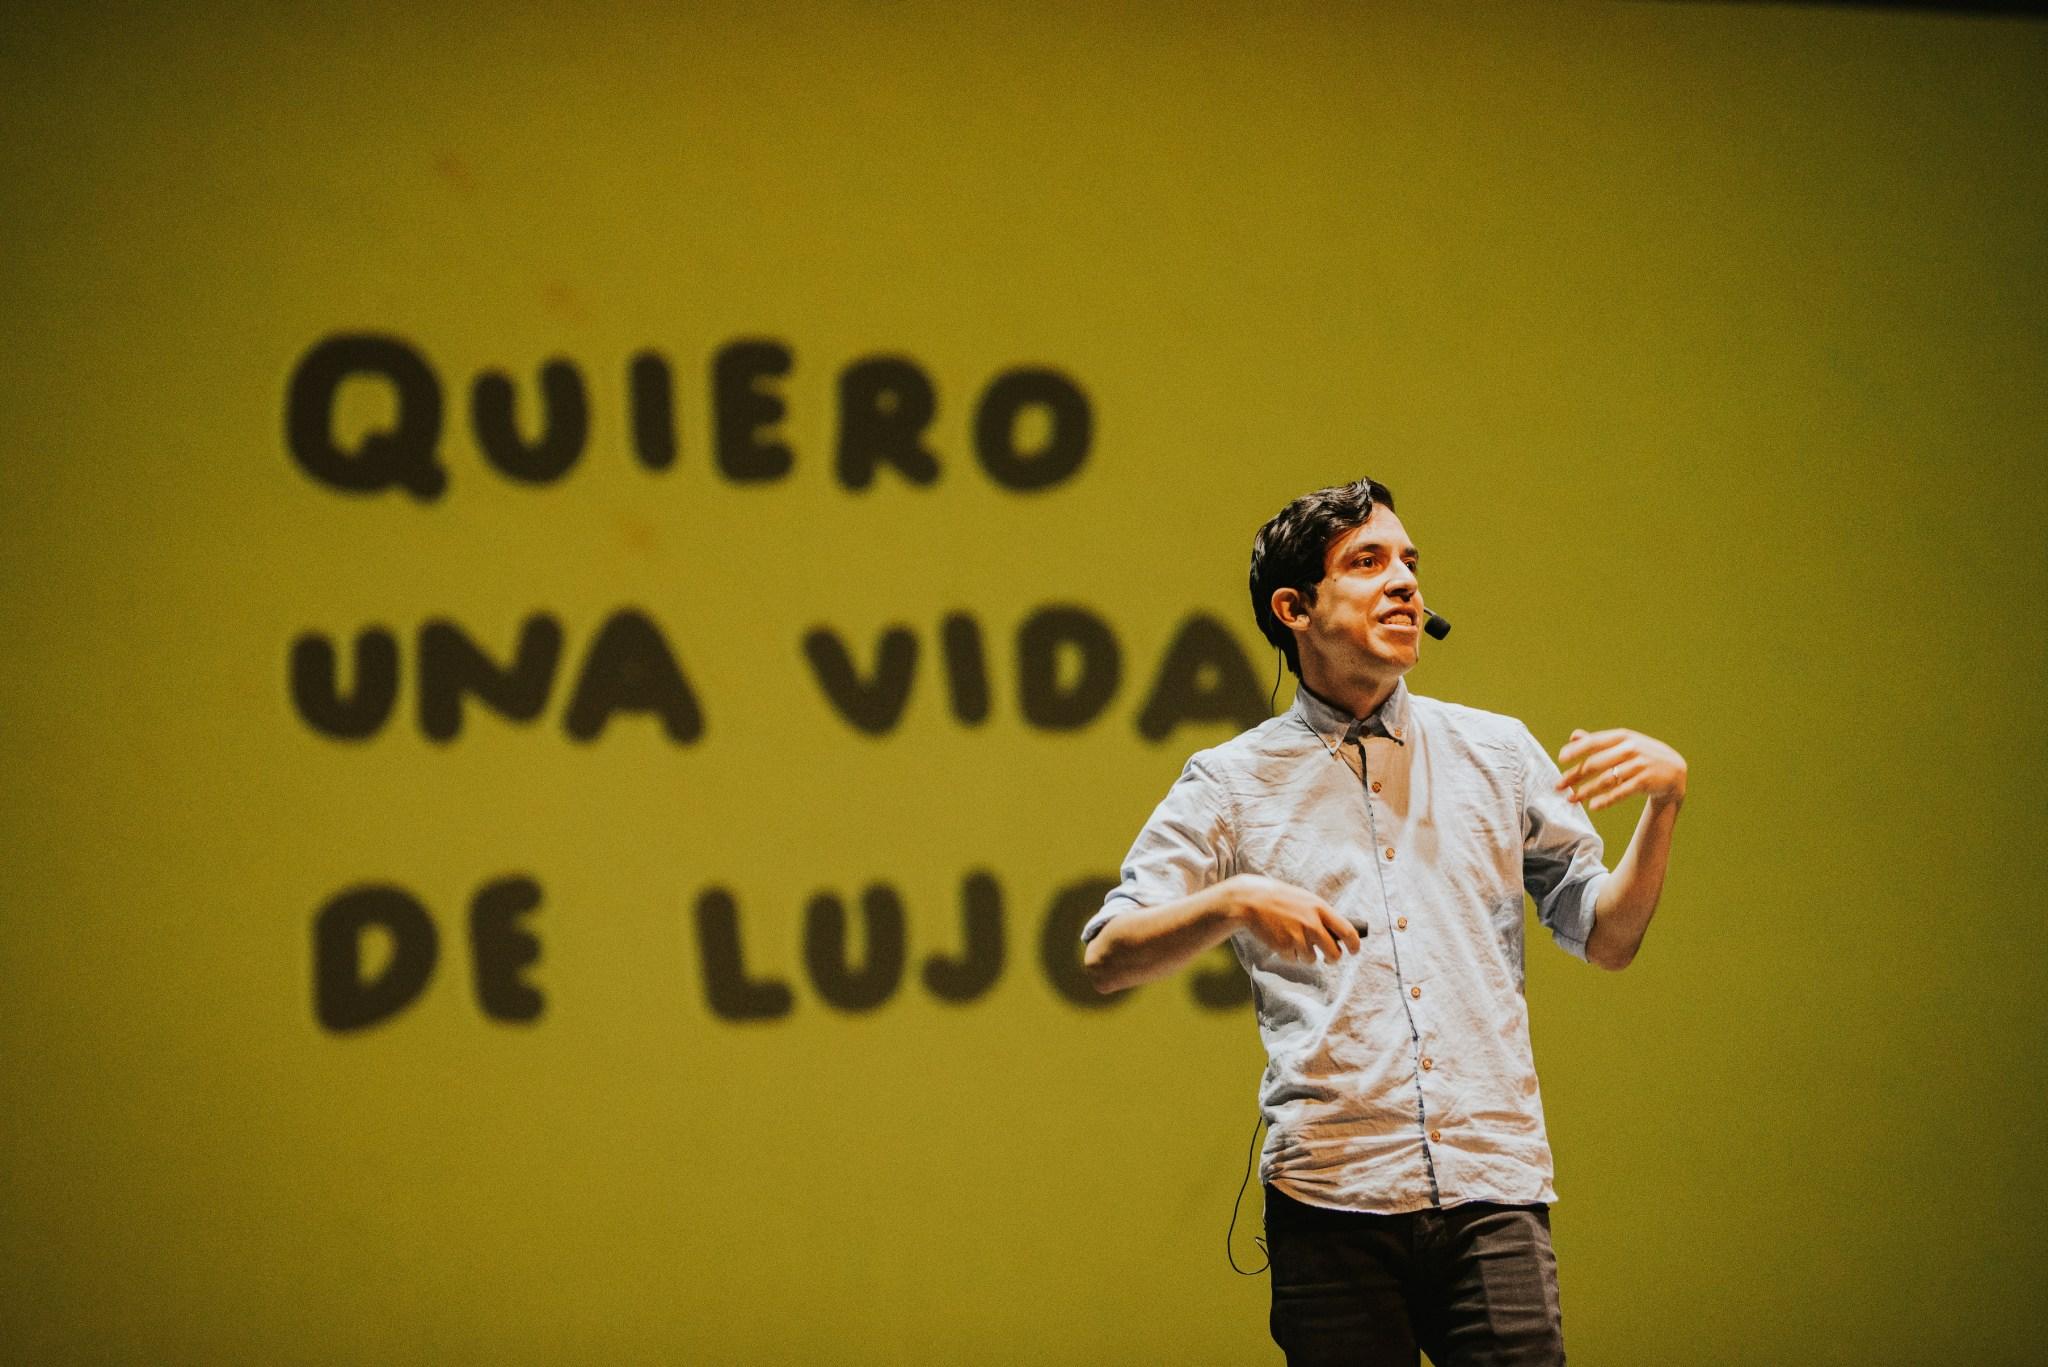 ¿Cómo vivir mejor con menos y practicar el minimalismo? Pedro Campos nos cuenta